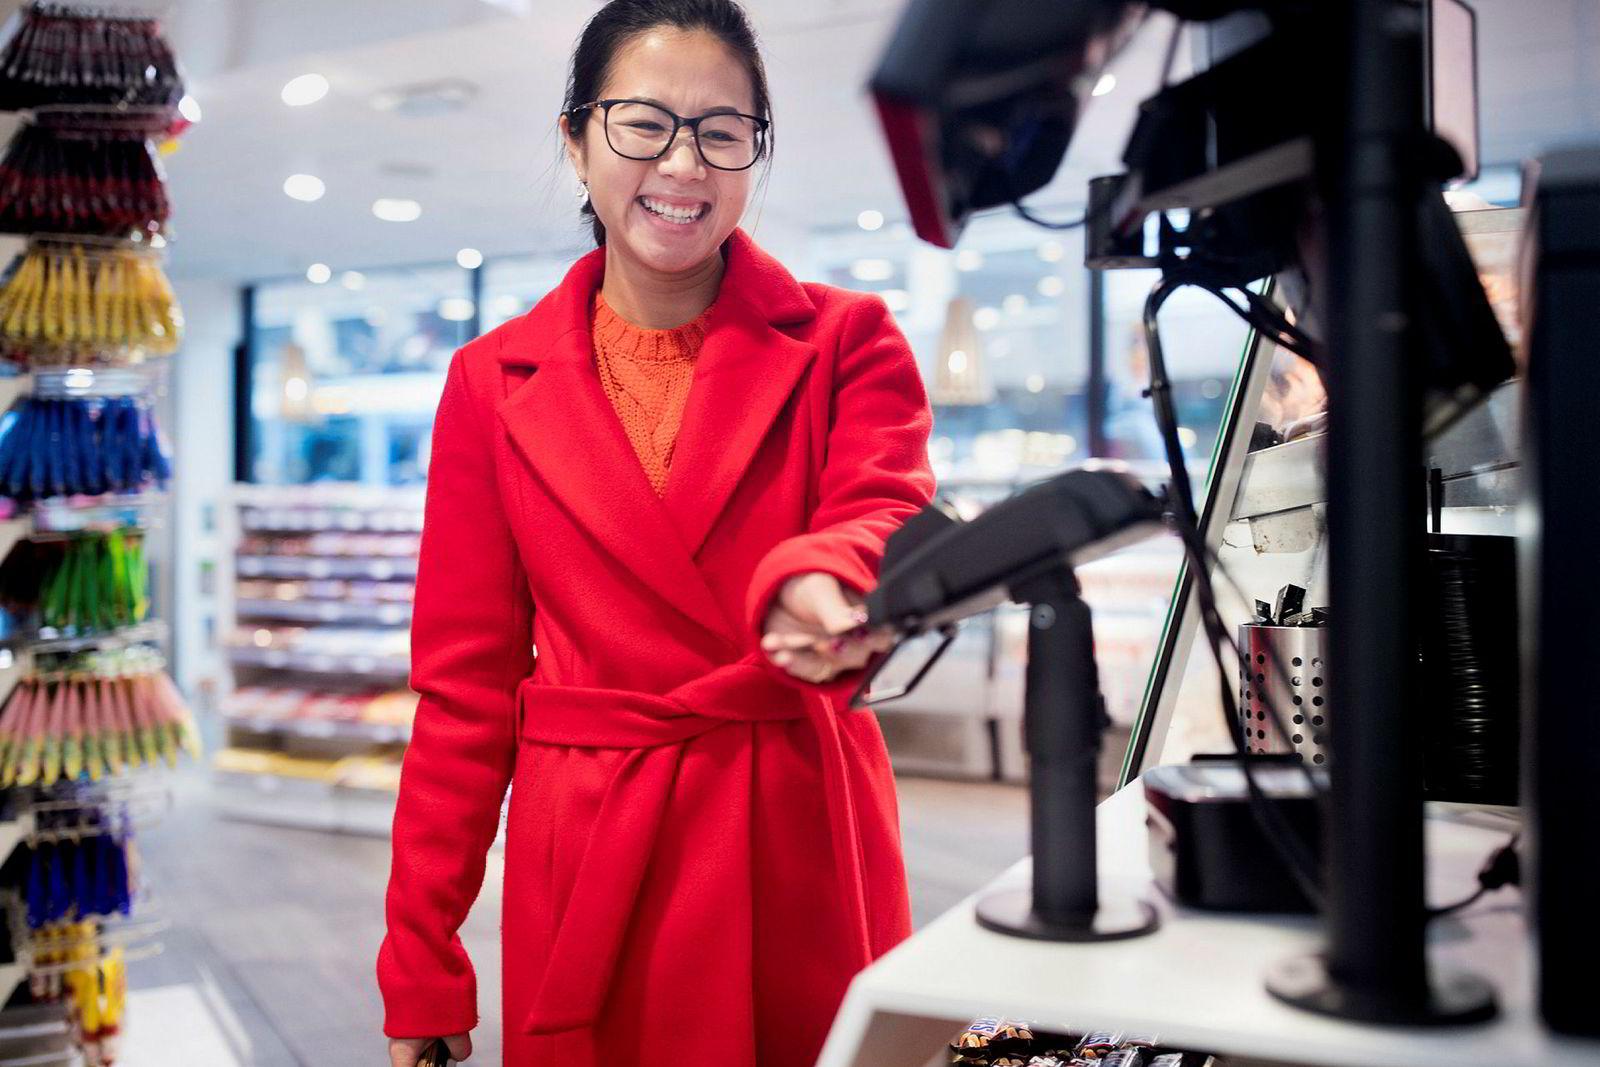 Anh Thi (27) betaler med bankkort og pin-kode til tross for at hun kan bruke mobilbetaling i stedet. Hun synes – som de fleste nordmenn – at det ikke er behov for å betale på andre måter.